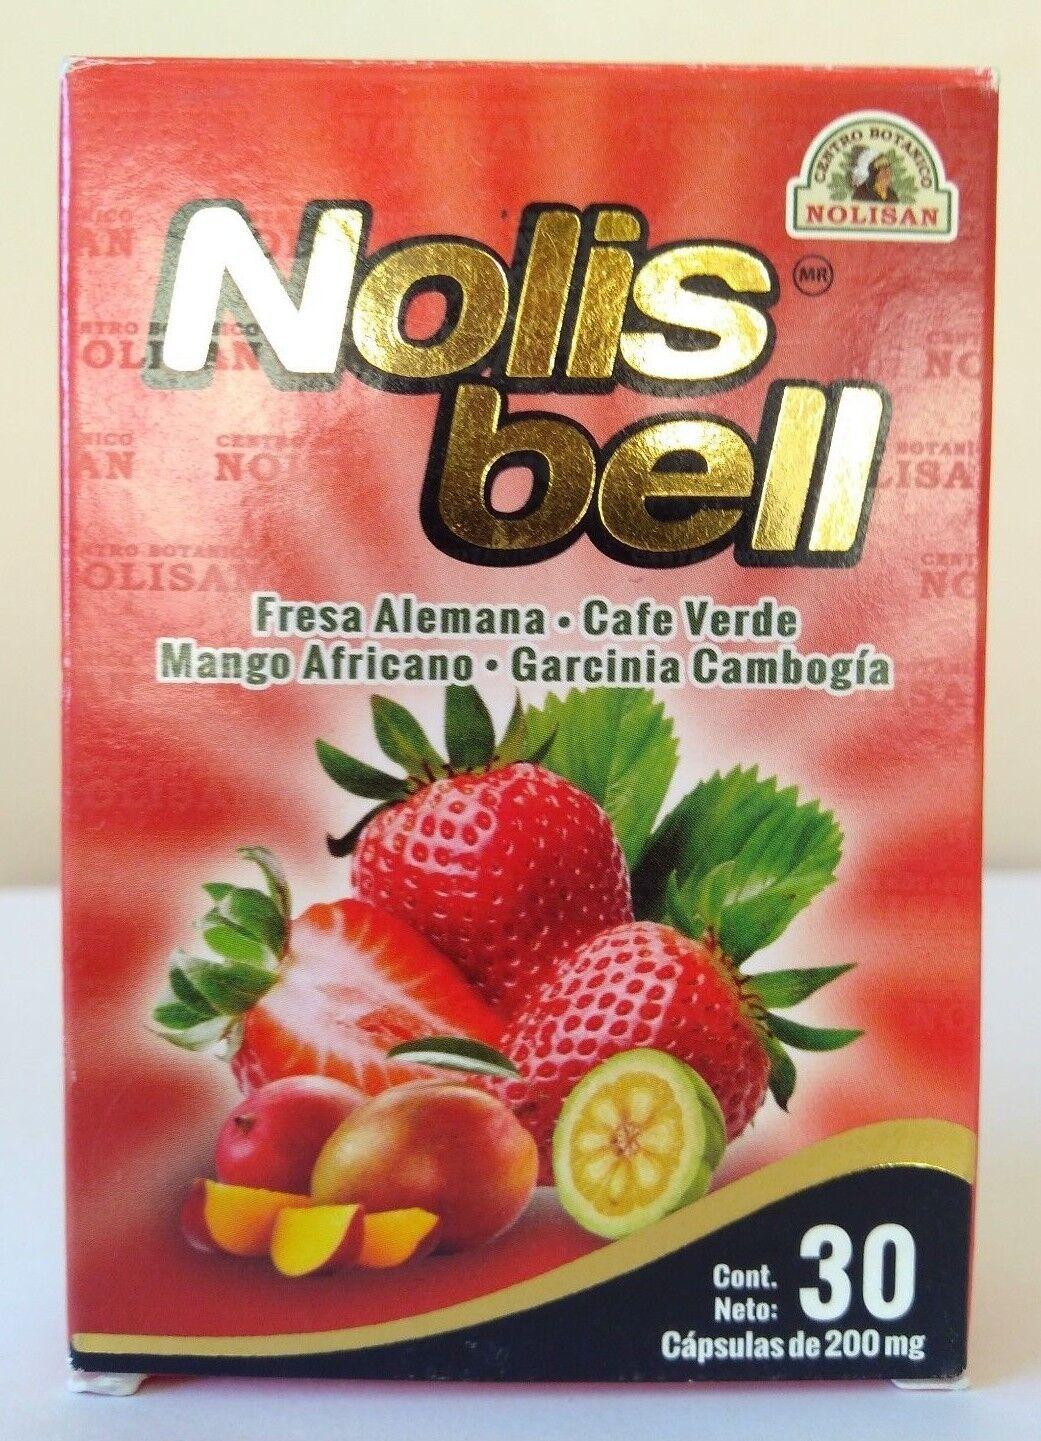 MANGO AFRICANO NOLIS BELL AFRICAN MANGO 30 CAPSULES GARCINIA CAMBOGIA 30 CAPS